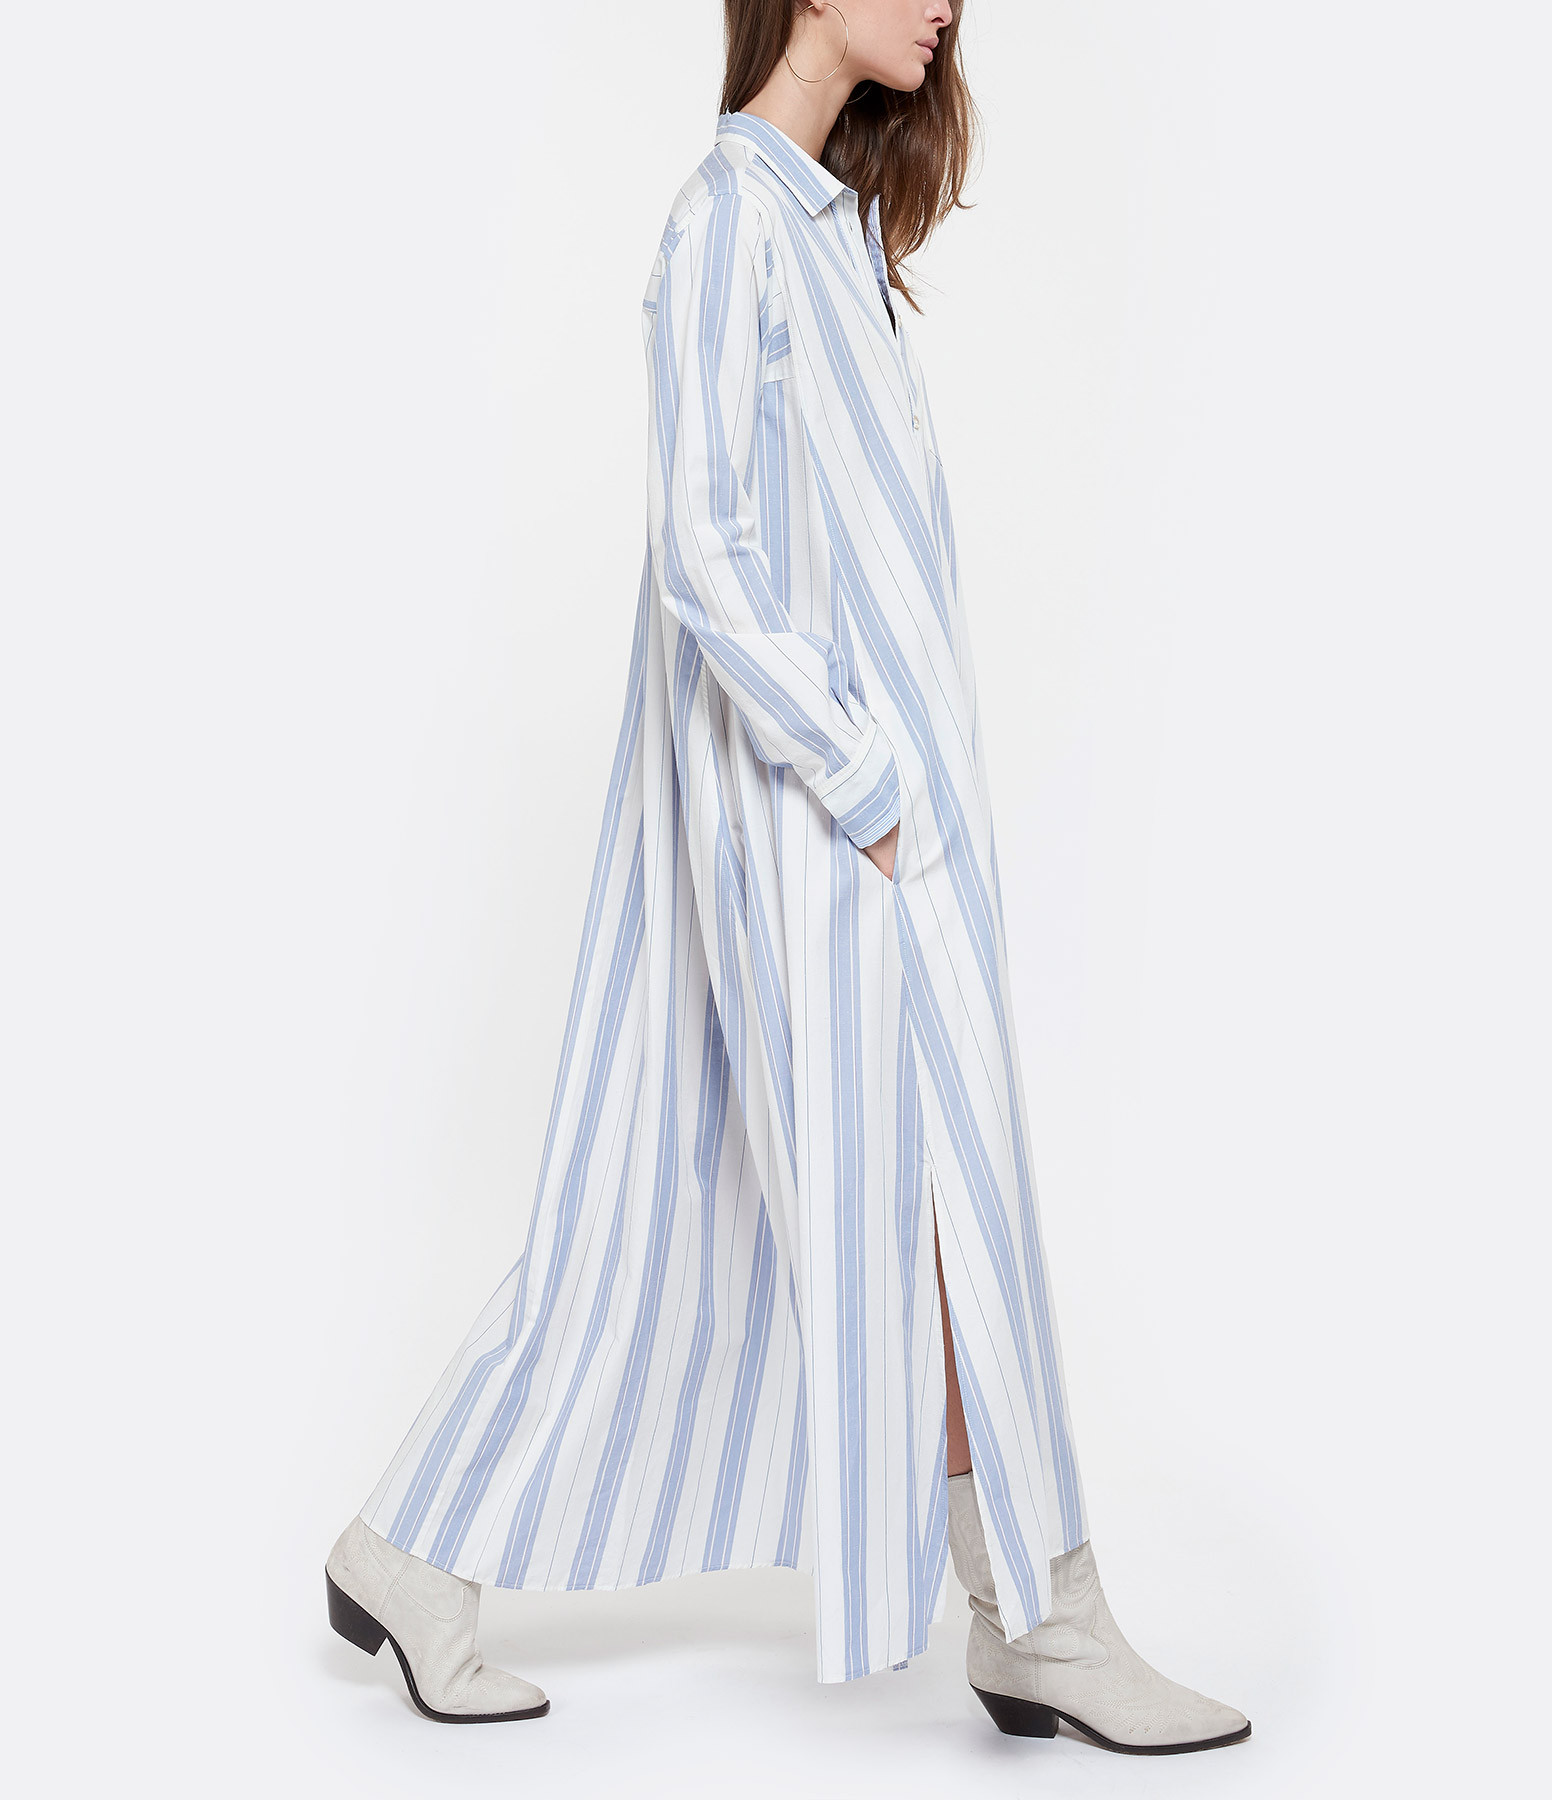 FORTE_FORTE - Robe Chemise Popeline Bleu Ciel